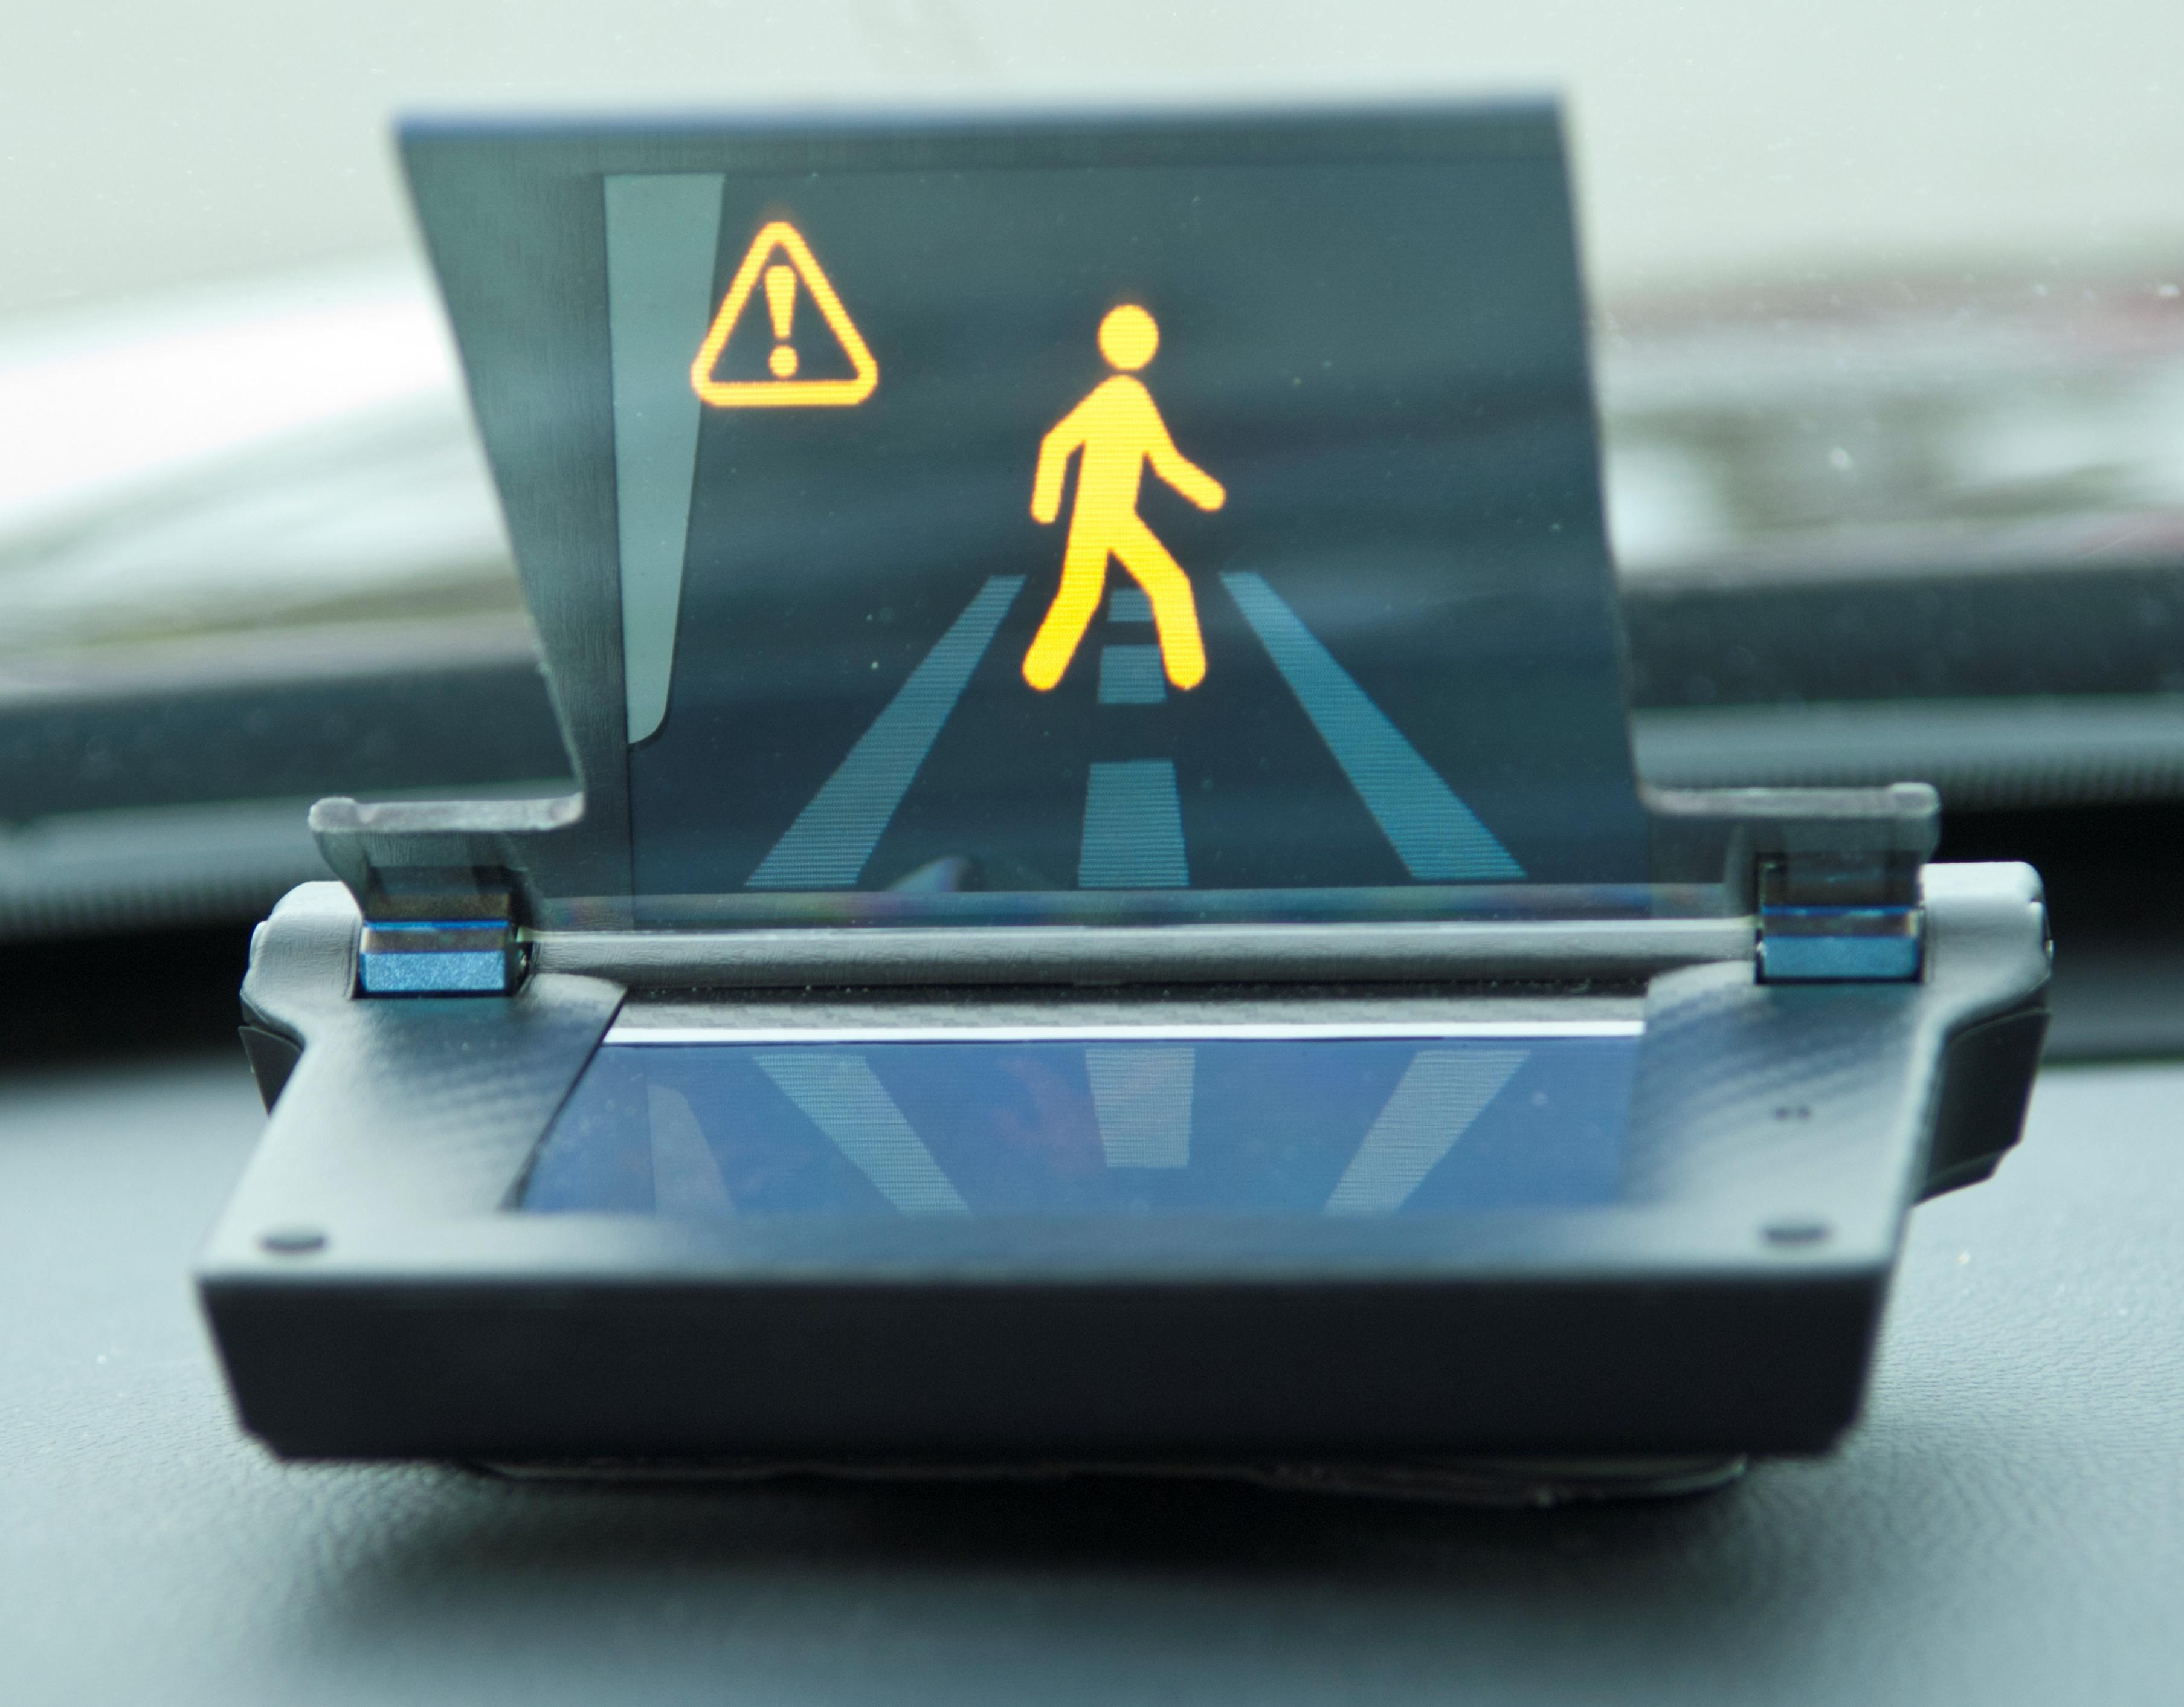 本田、大众宣布智能十字路口研究新进展 以安全为重点